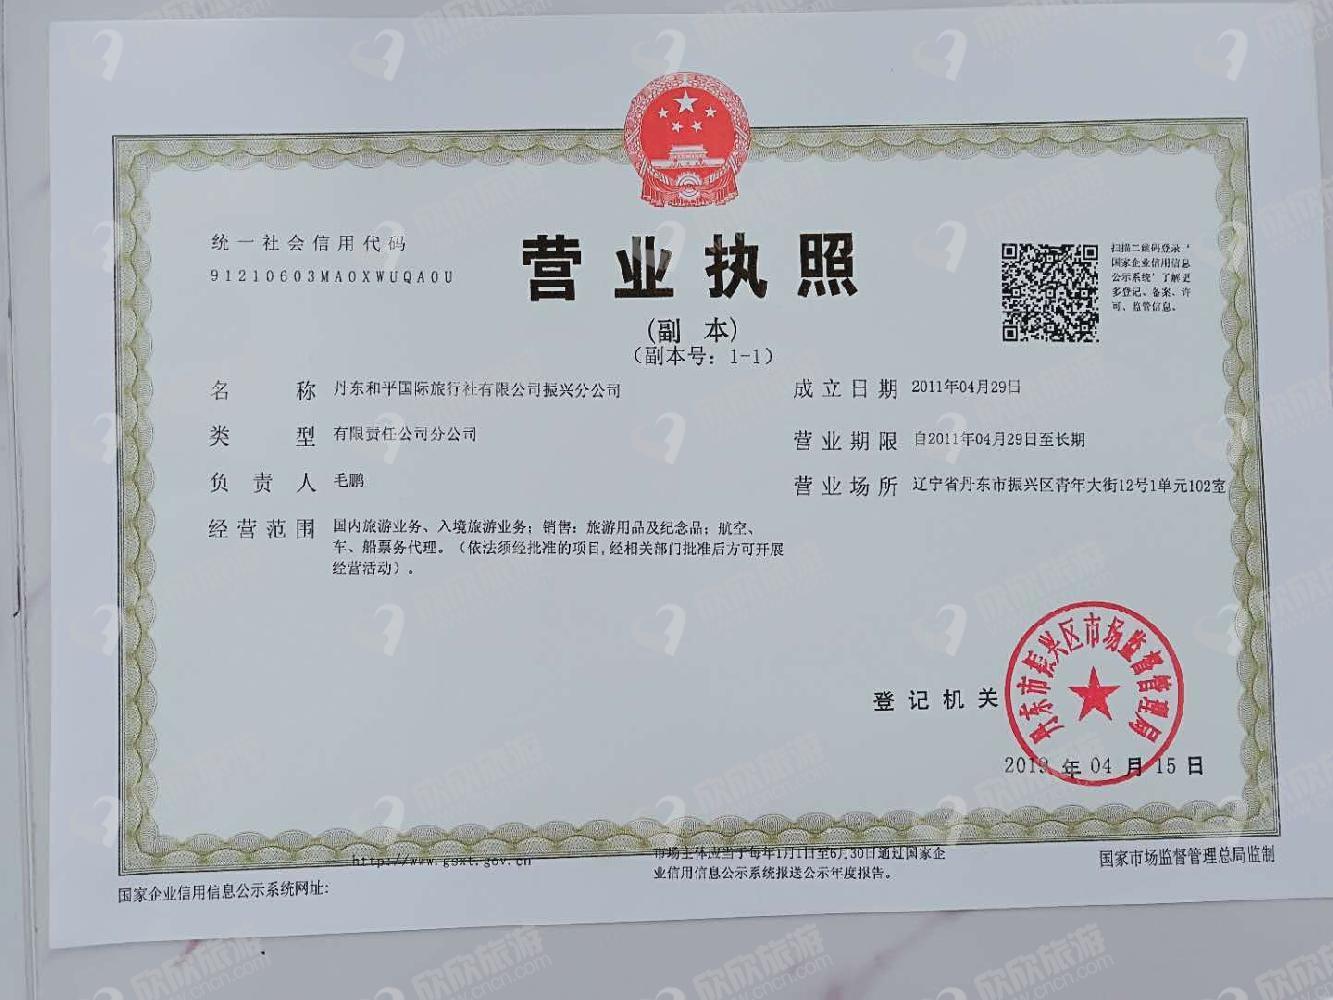 丹东和平国际旅行社有限公司振兴分公司营业执照